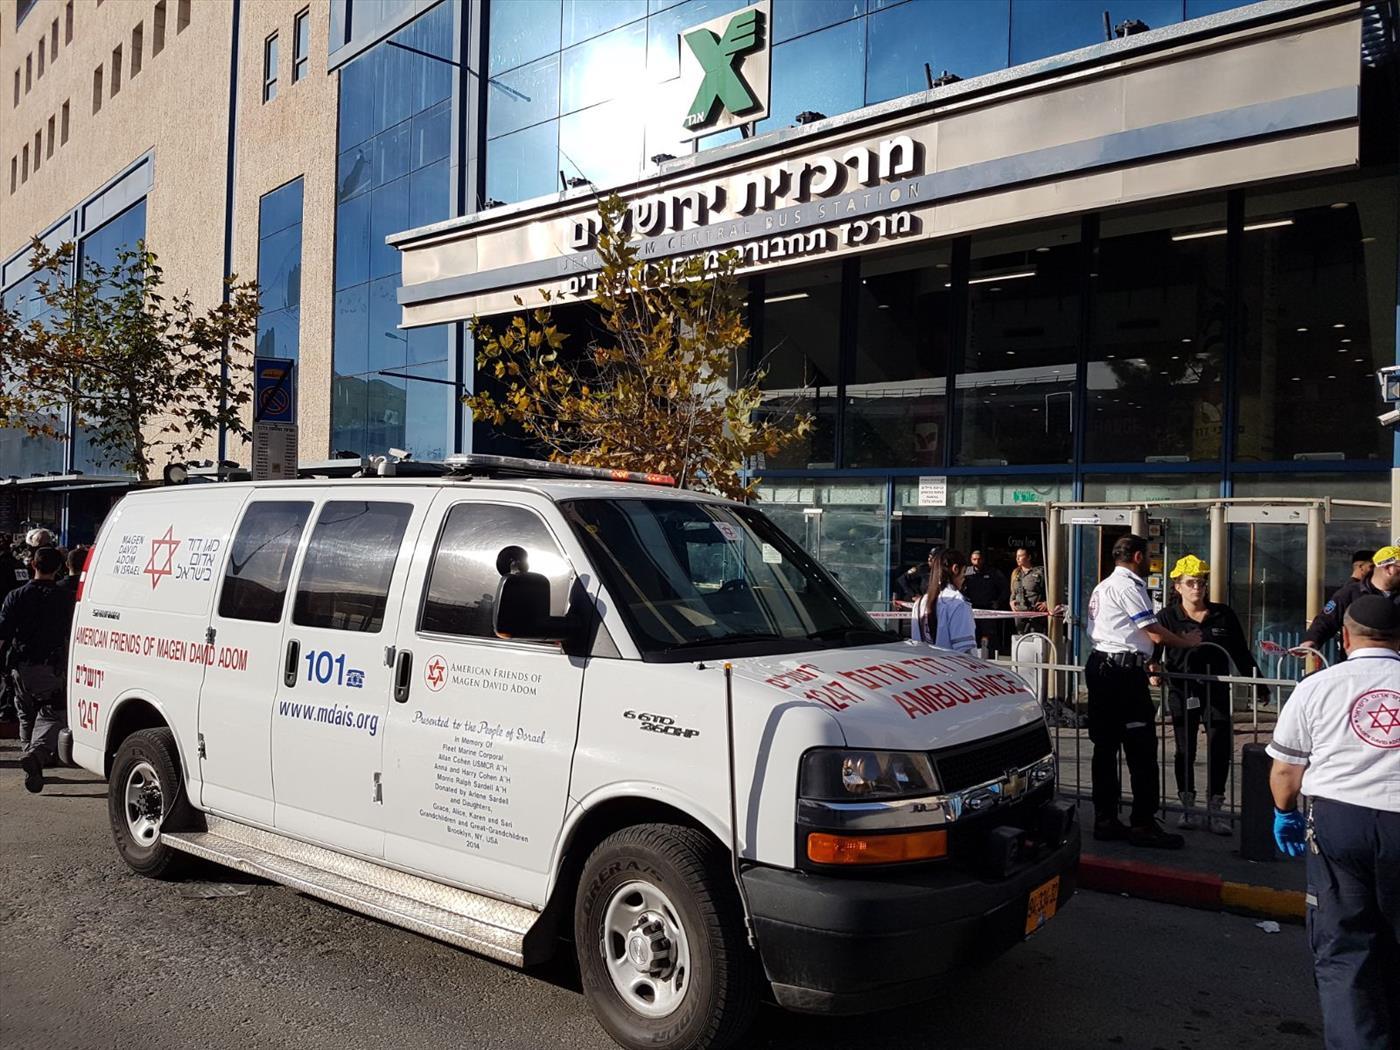 זירת פיגוע הדקירה בתחנה מרכזית בירושלים. צילום: חלי ממן TPS